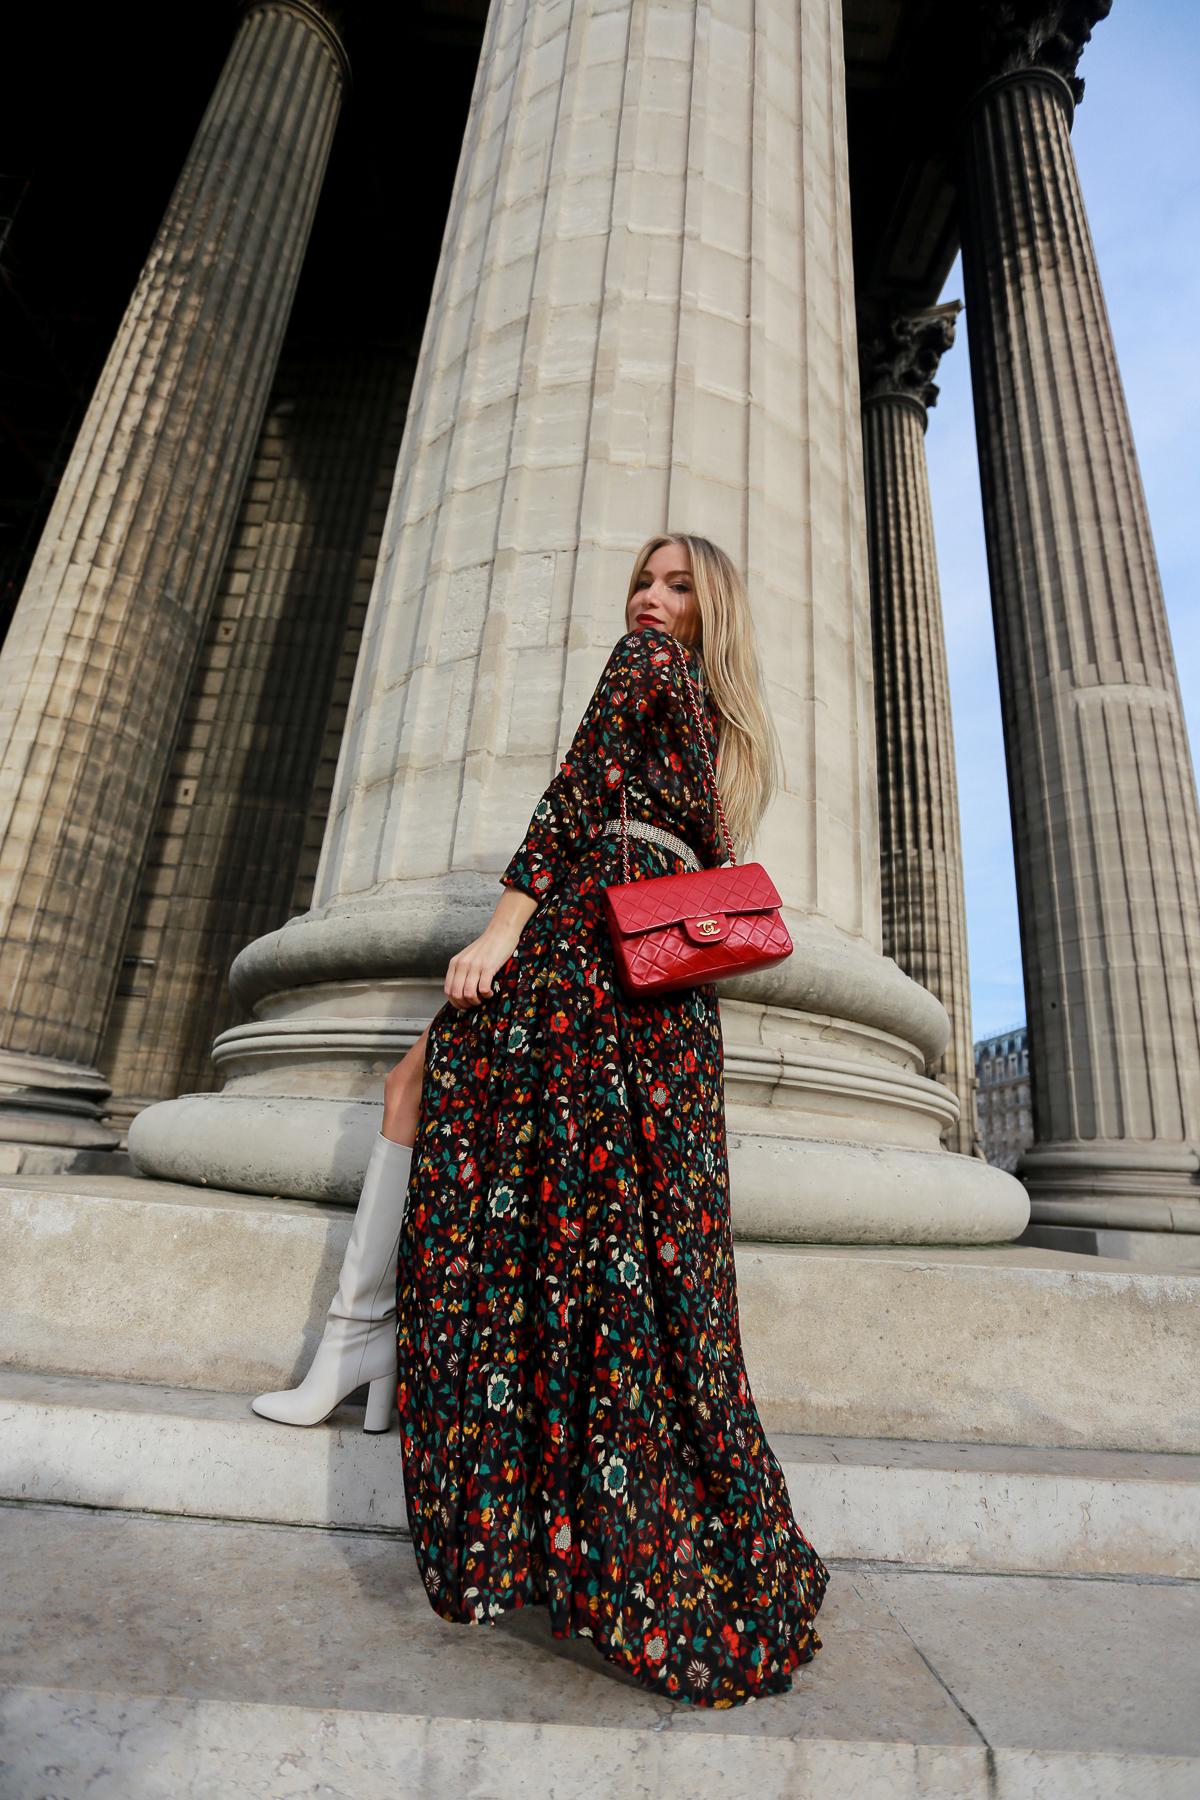 Comment porter la robe longue en hiver ?